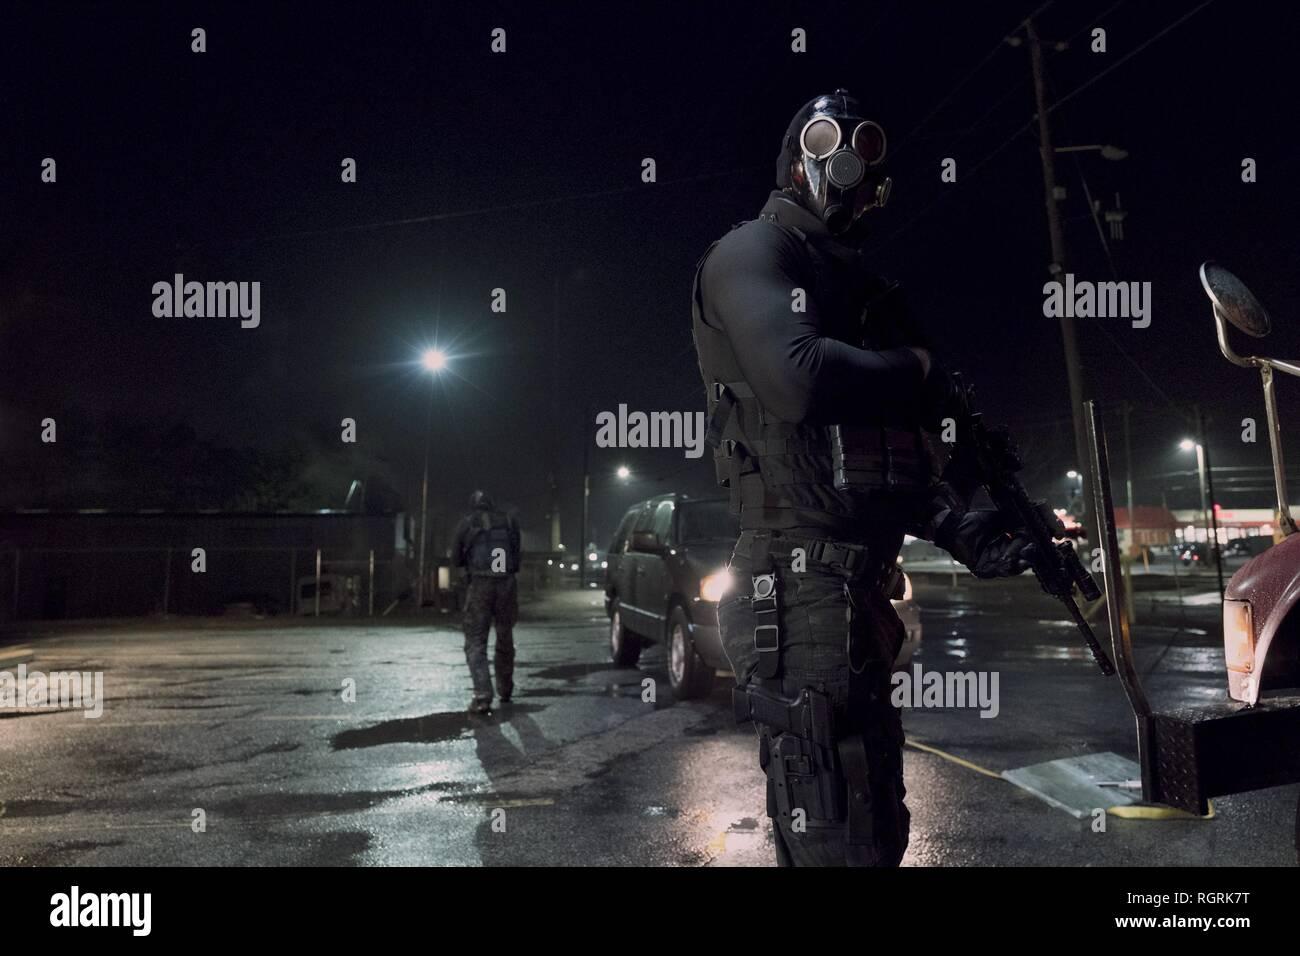 Mascherato armato briganti spelonca di ladri (2018) Immagini Stock